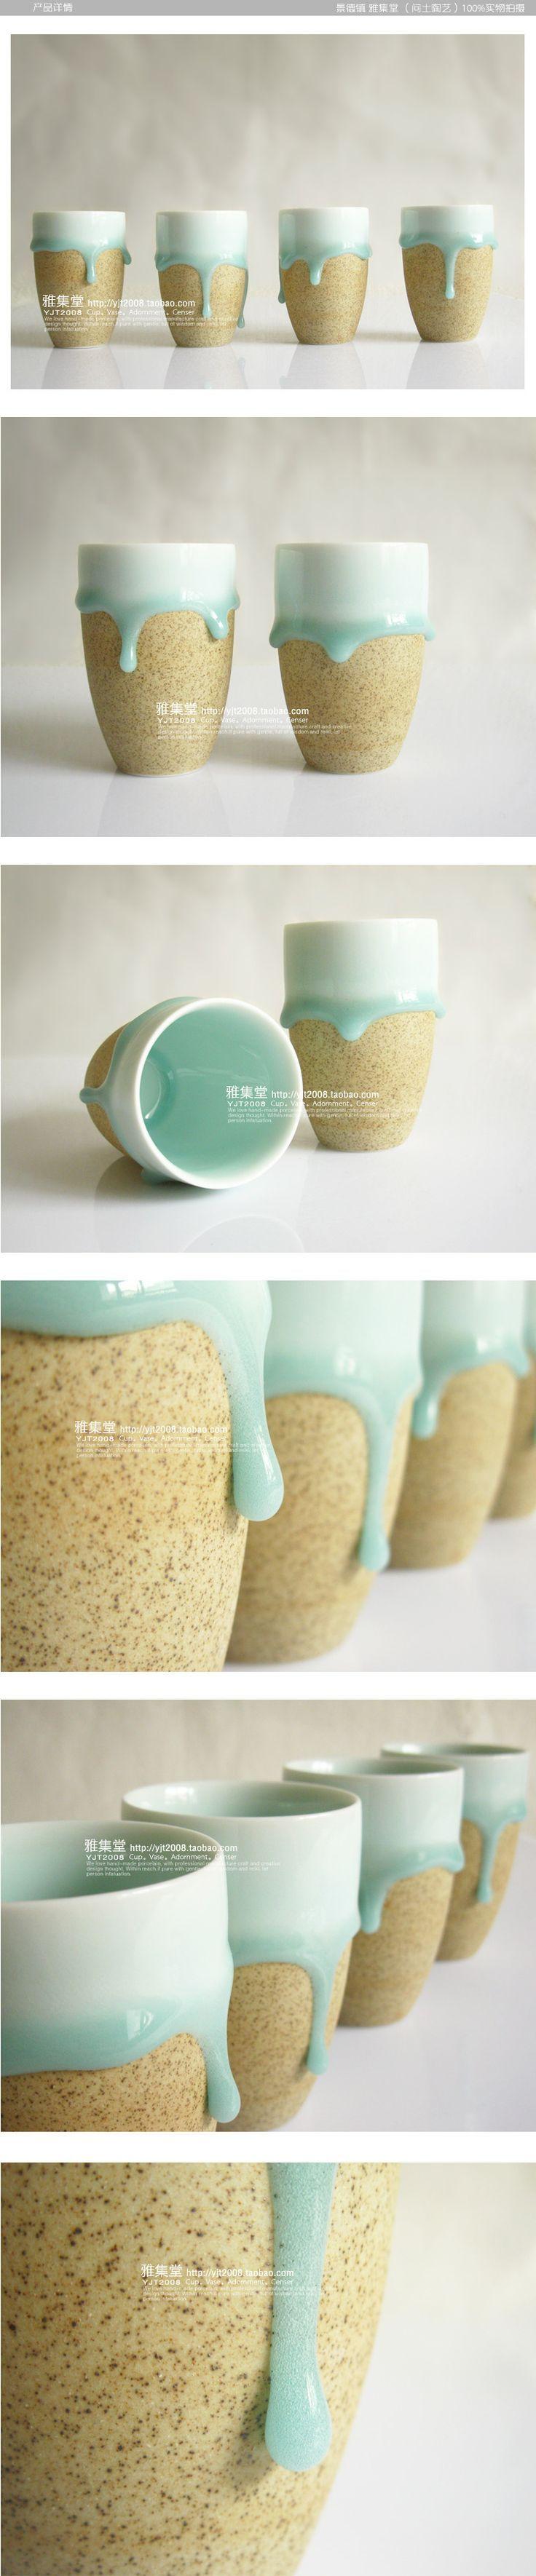 Ceramic cups by taobao